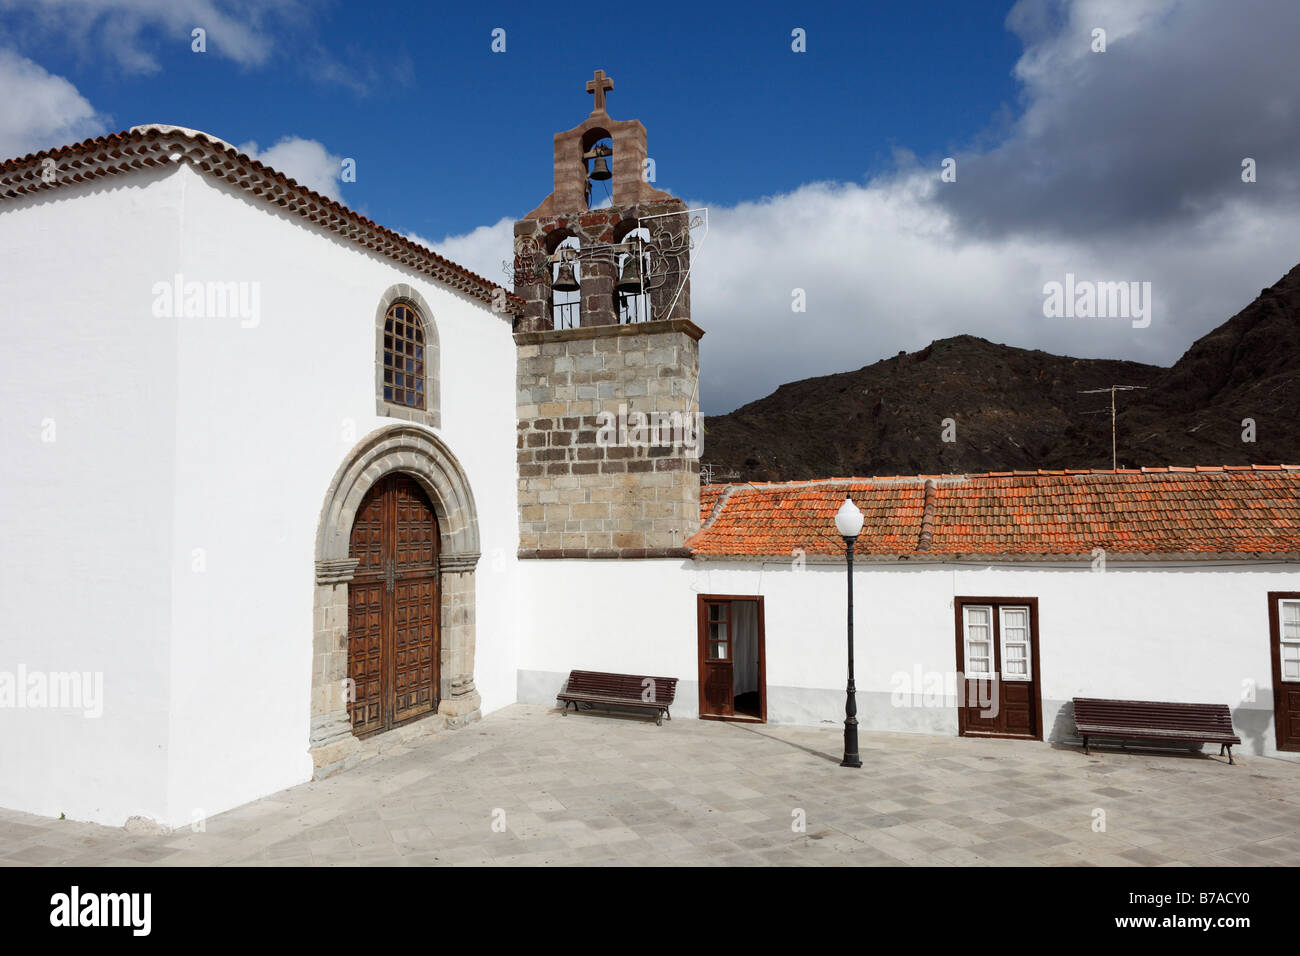 Monastic church of the Dominican monastery, El Convento de Santo Domingo, Hermigua, La Gomera, Canary islands, Spain, - Stock Image